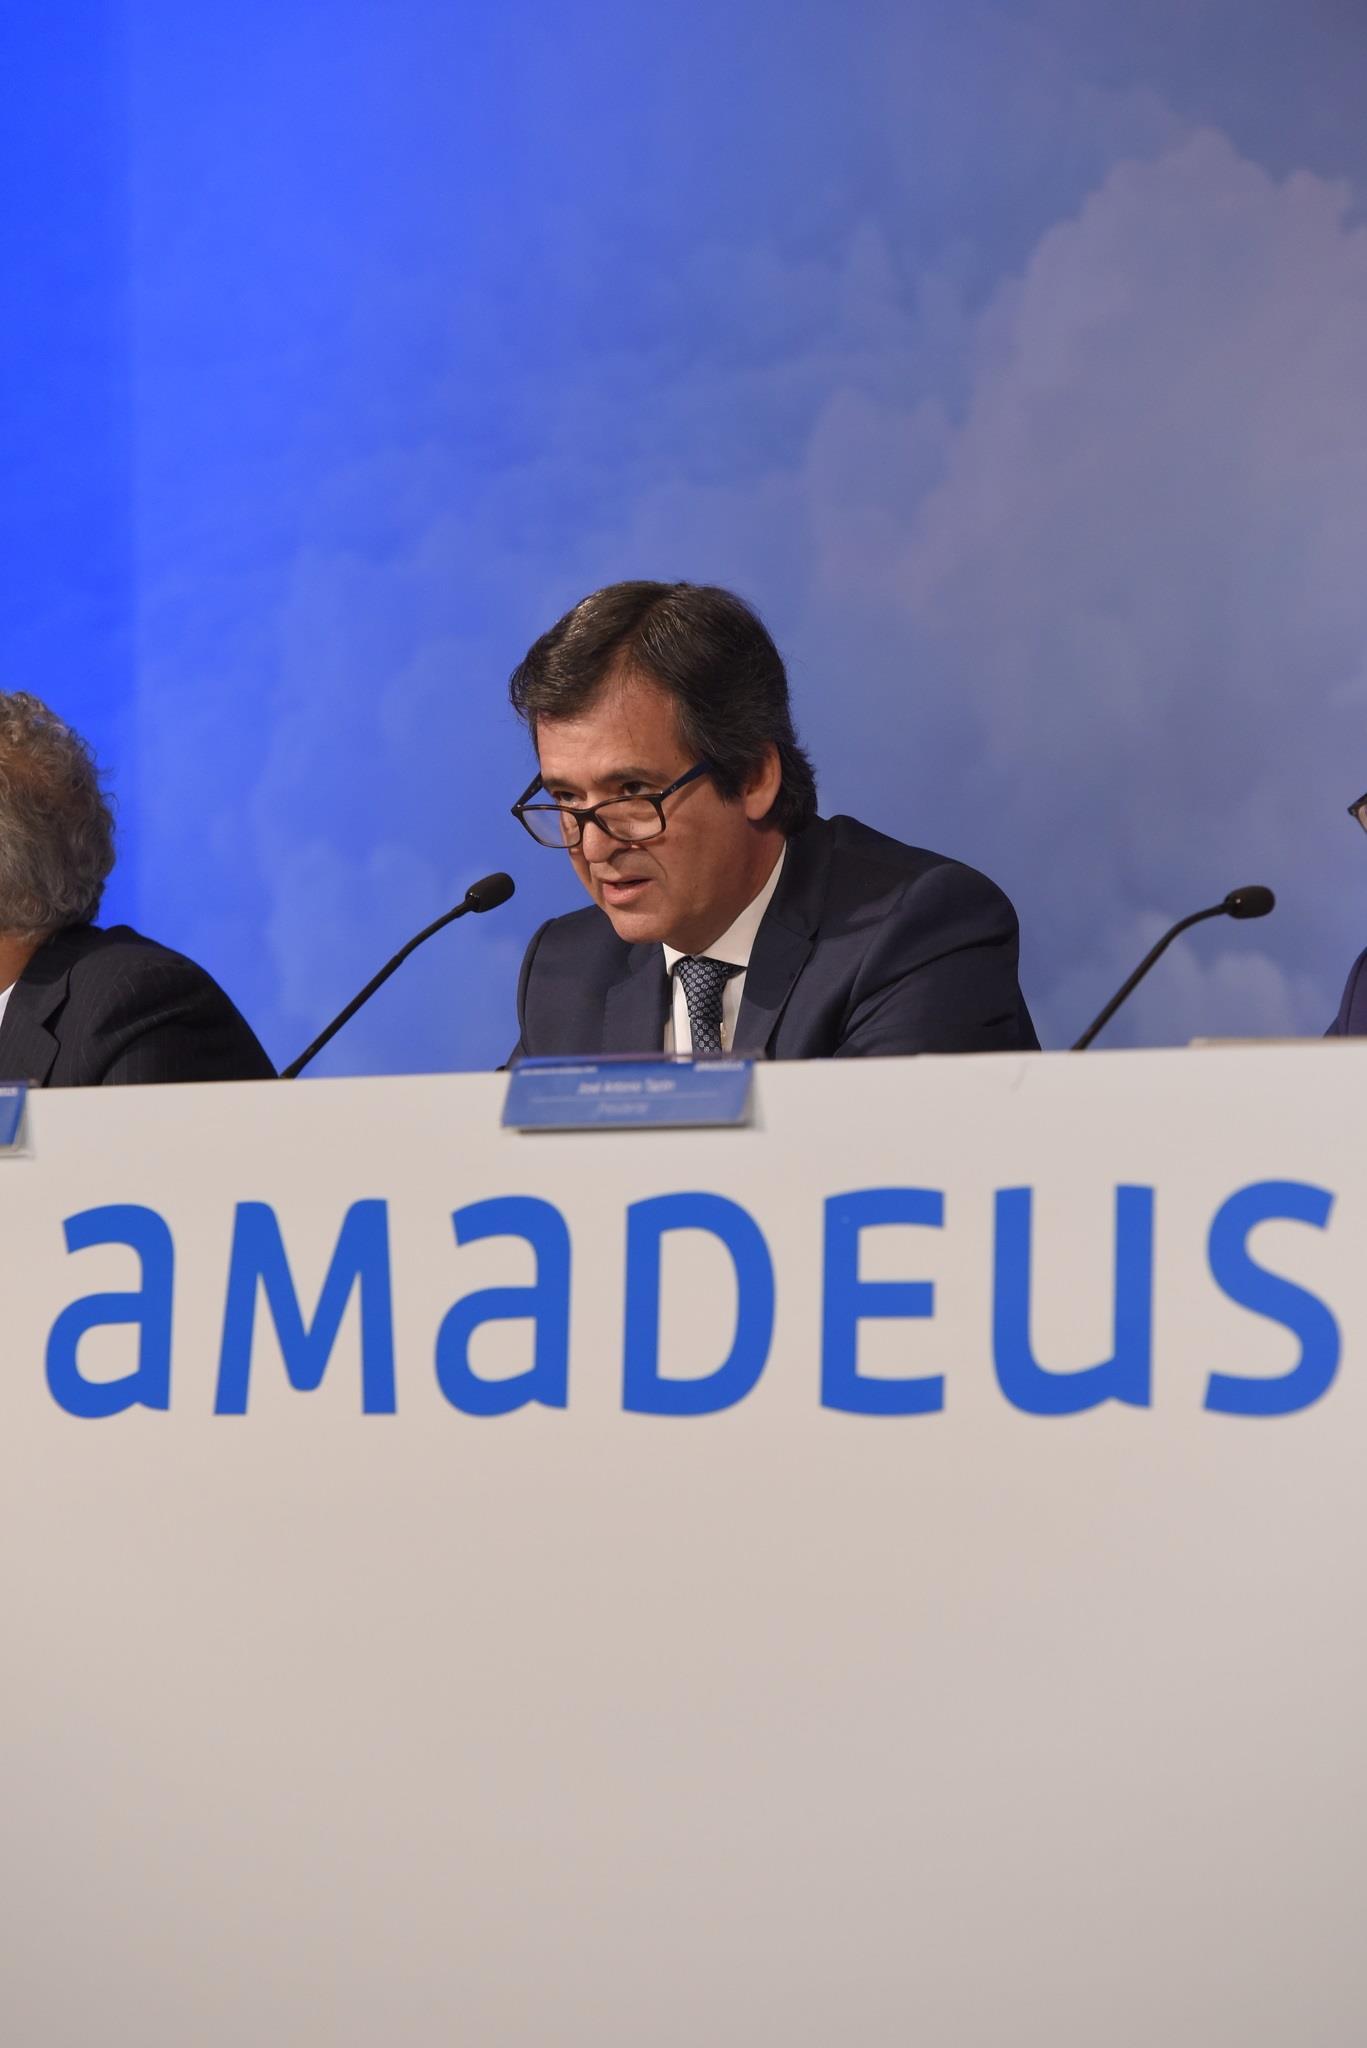 Amadeus cae un 16% desde su debut en el EuroStoxx, pero no hay riesgo de exclusión